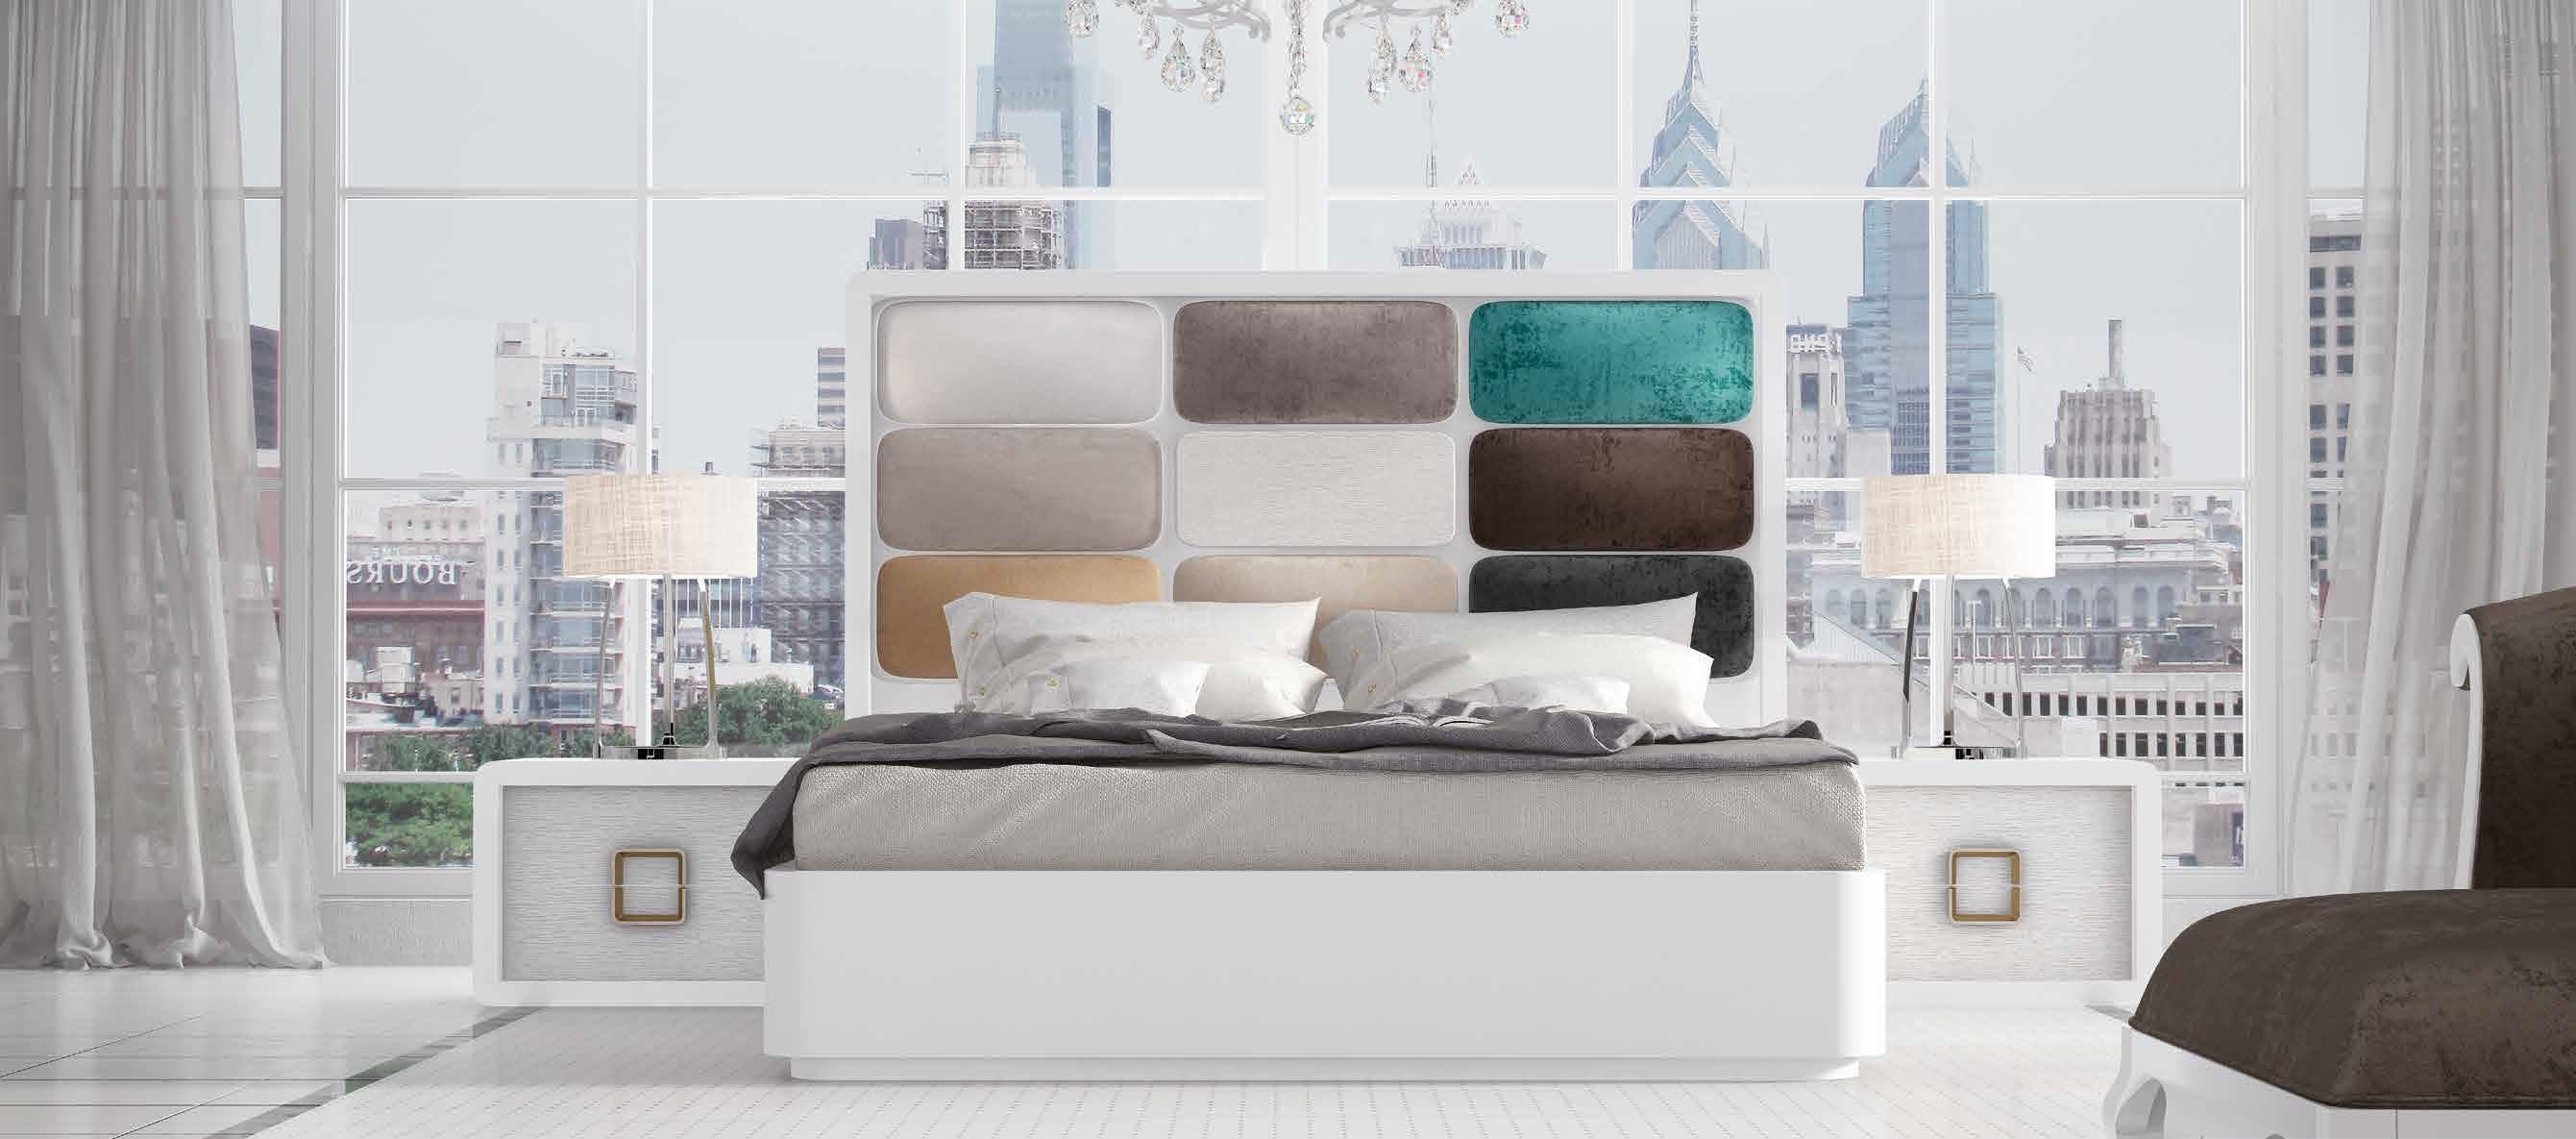 dormitorio-contemporaneo-Vol-3-muebles-paco-caballero-1220-5caf78093442b